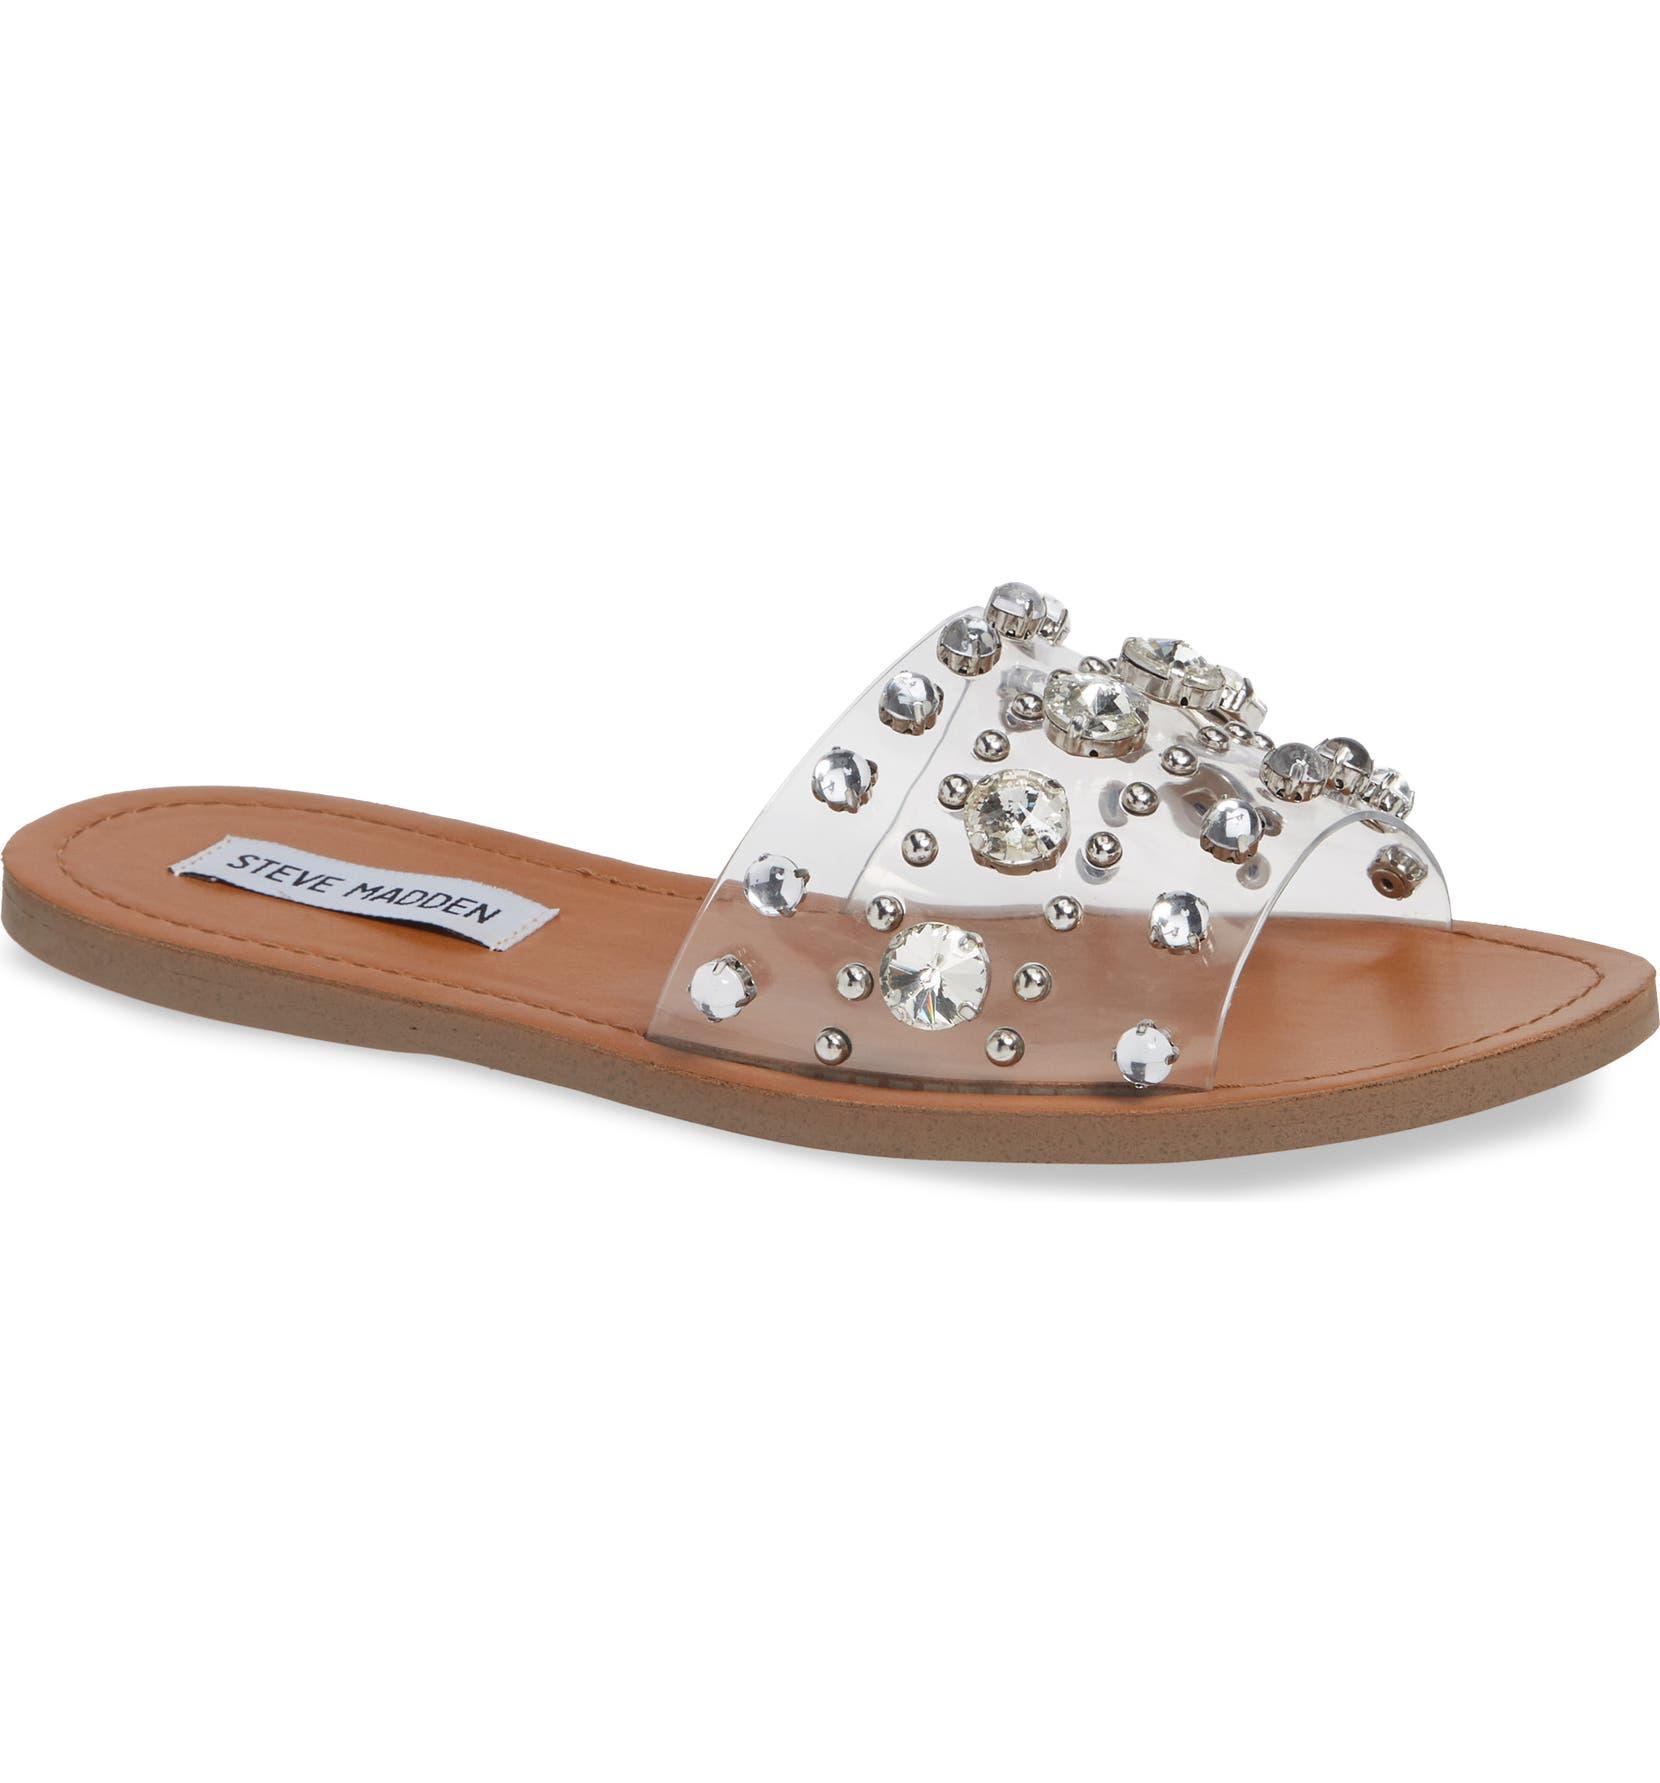 ae8f7e809c2 Steve Madden Regent Embellished Slide Sandal (Women)